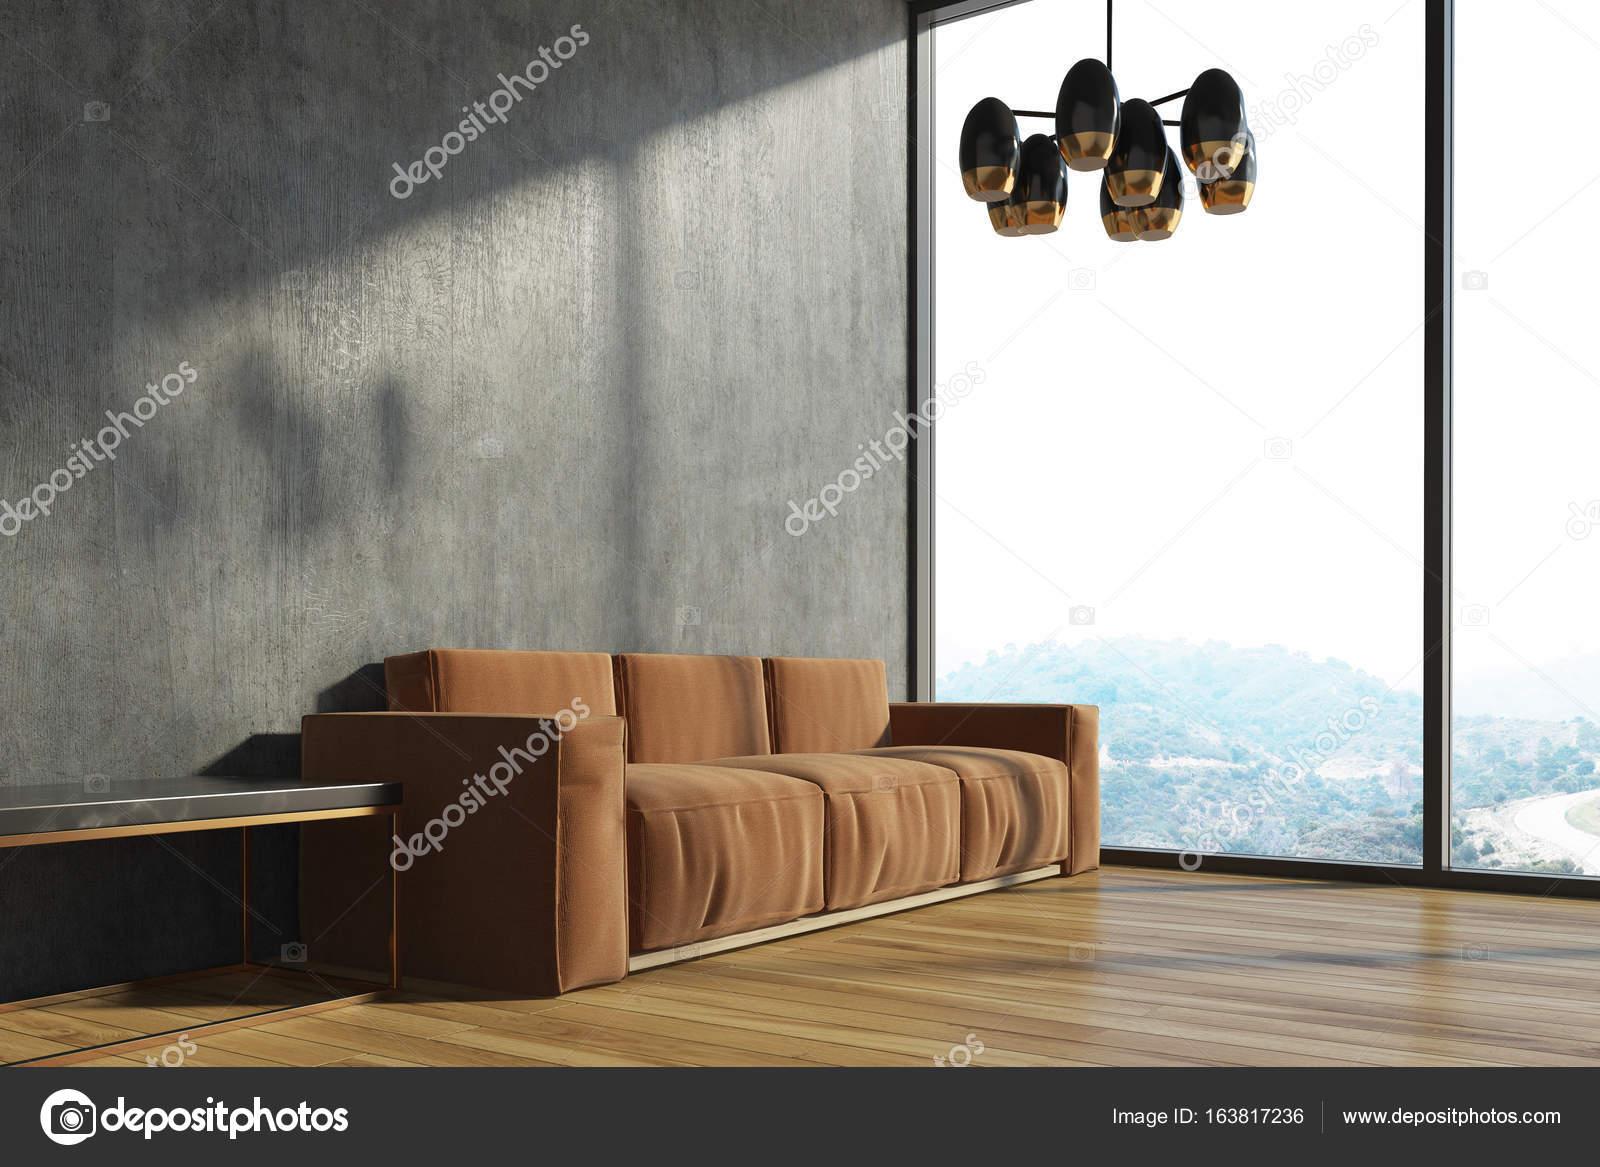 Sof De Sala Concreto Marrom Stock Photo Denisismagilov 163817236 -> Sala Cinza Com Sofa Marrom